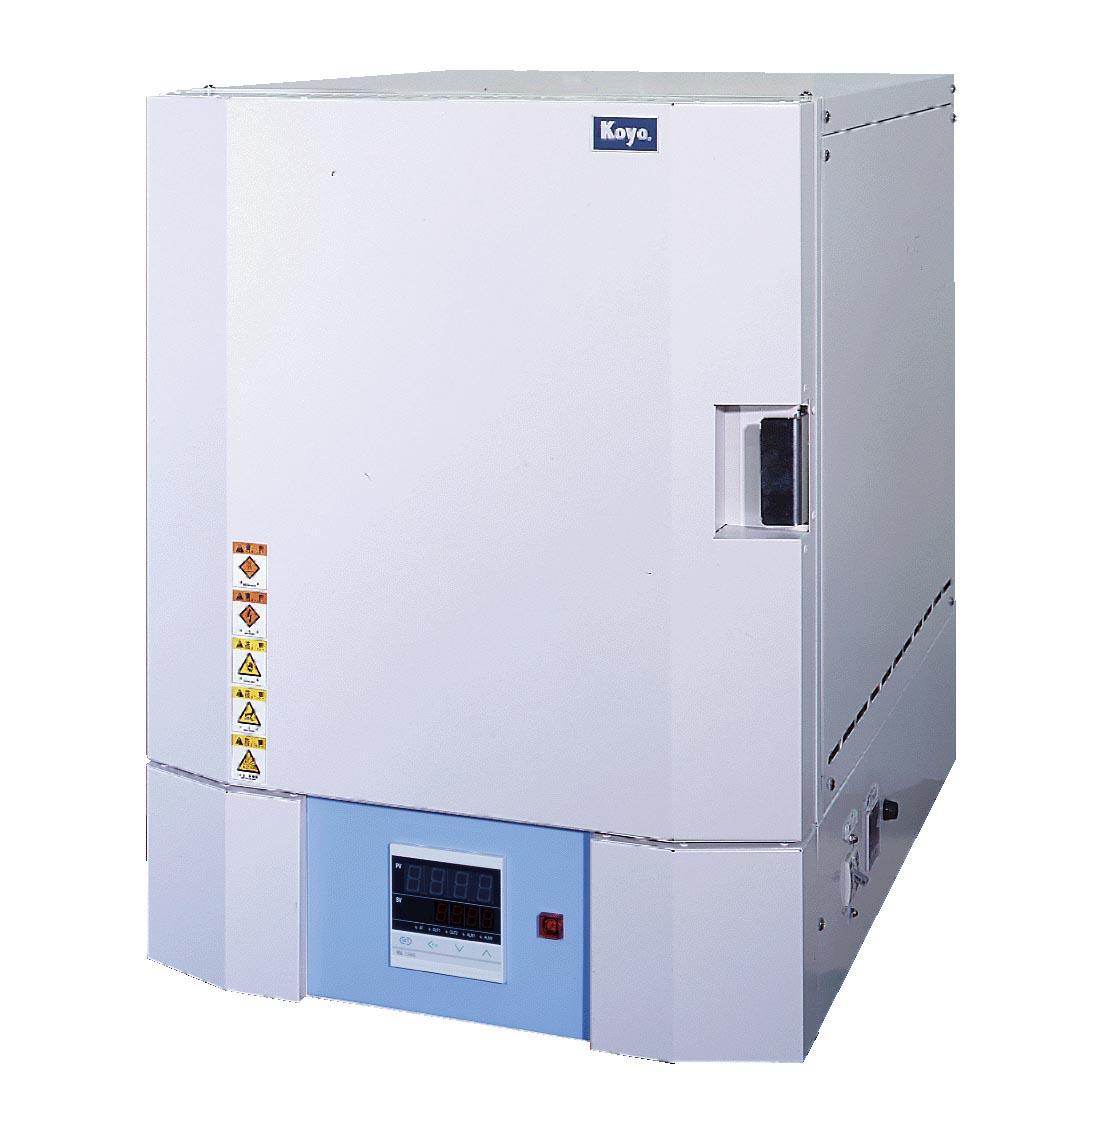 光洋サーモシステム 小型ボックス炉 KBF894N1